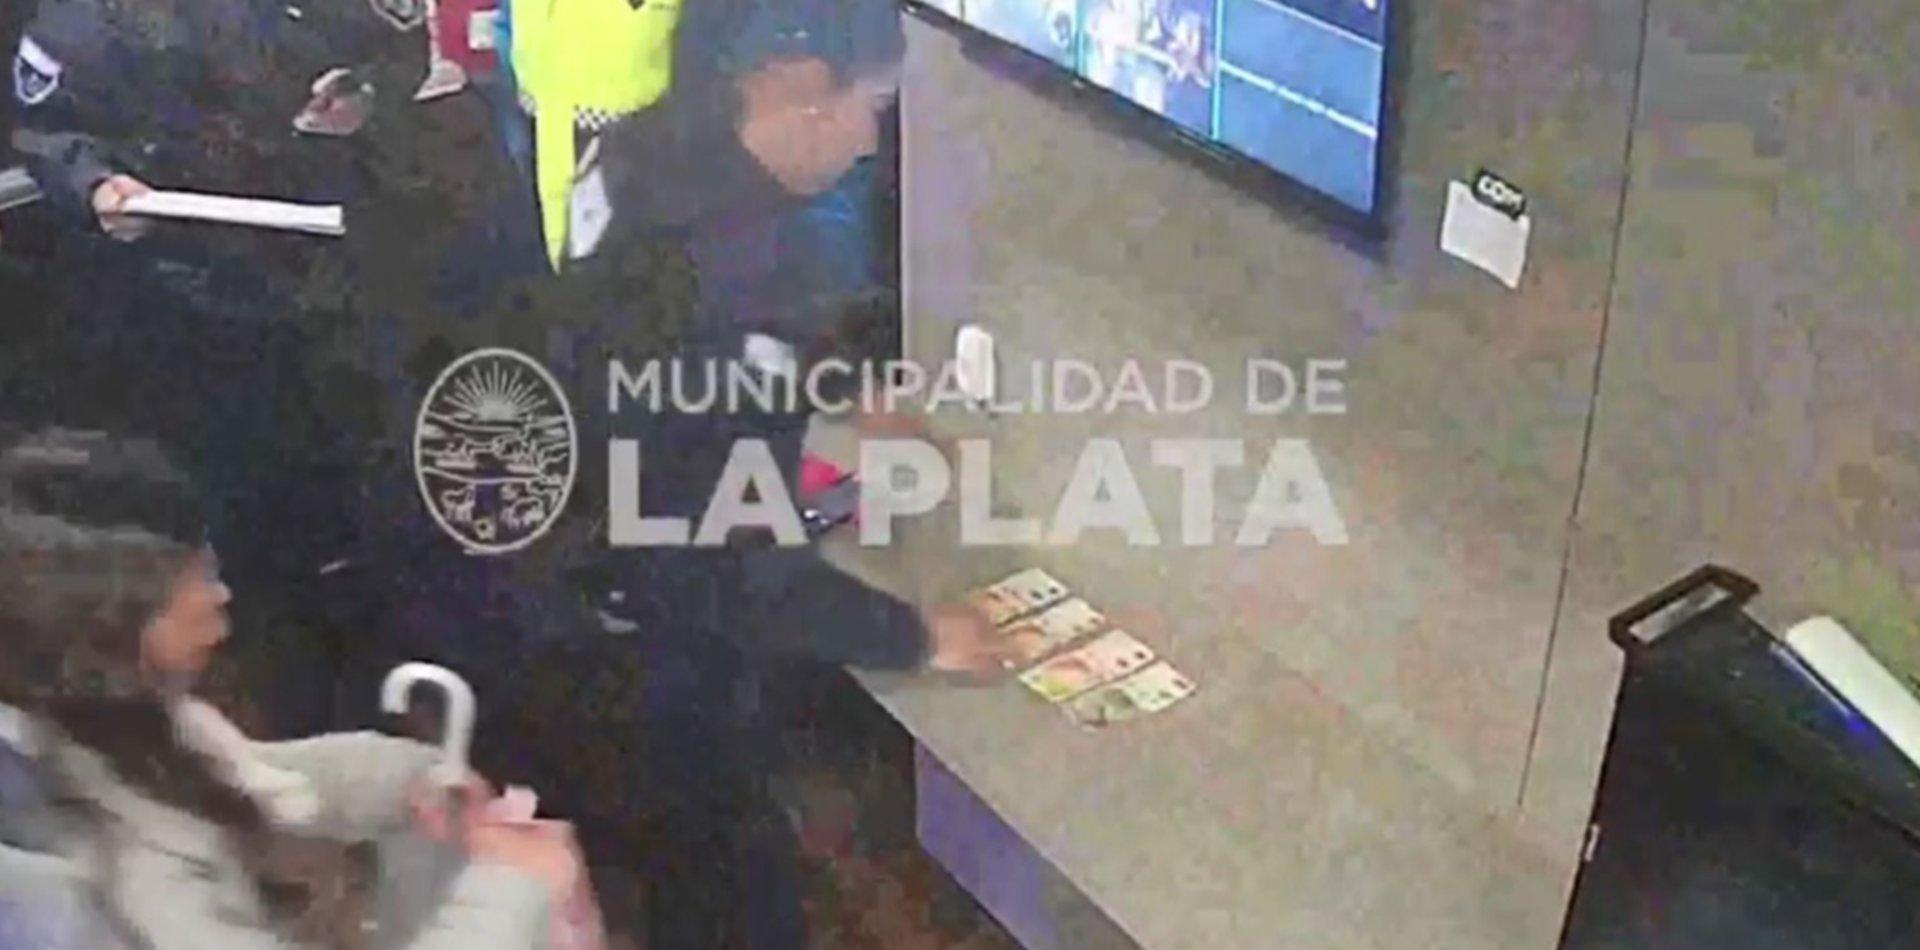 VIDEO: Así cayó la mujer acusada de estafar comercios de La Plata con billetes falsos